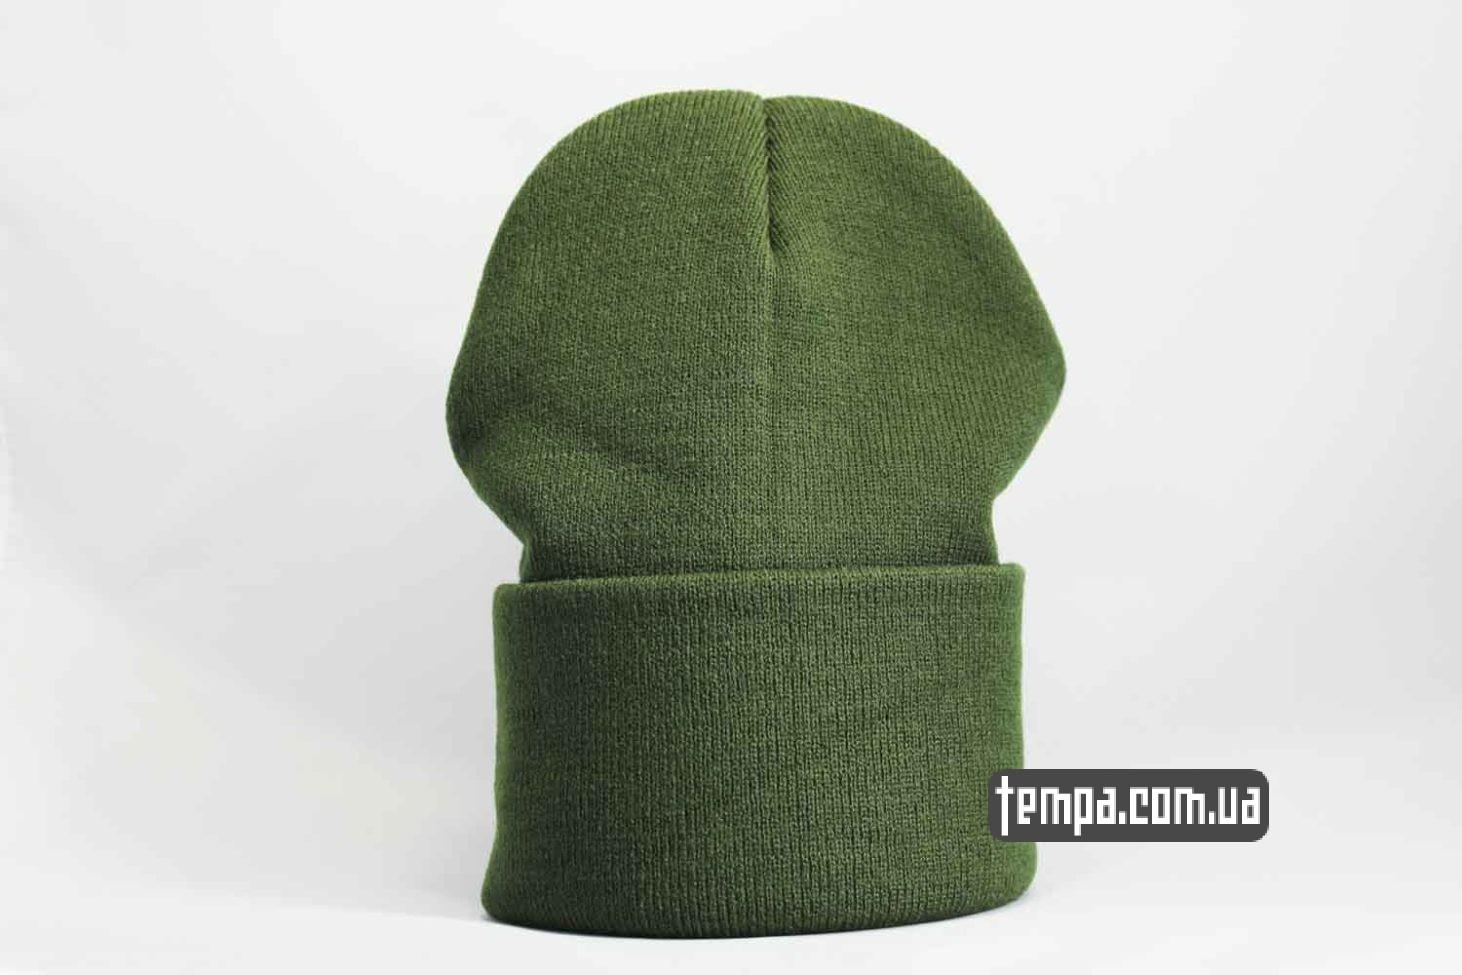 болотная бини шапка beanie Carhartt кожаная зеленая с логотипом